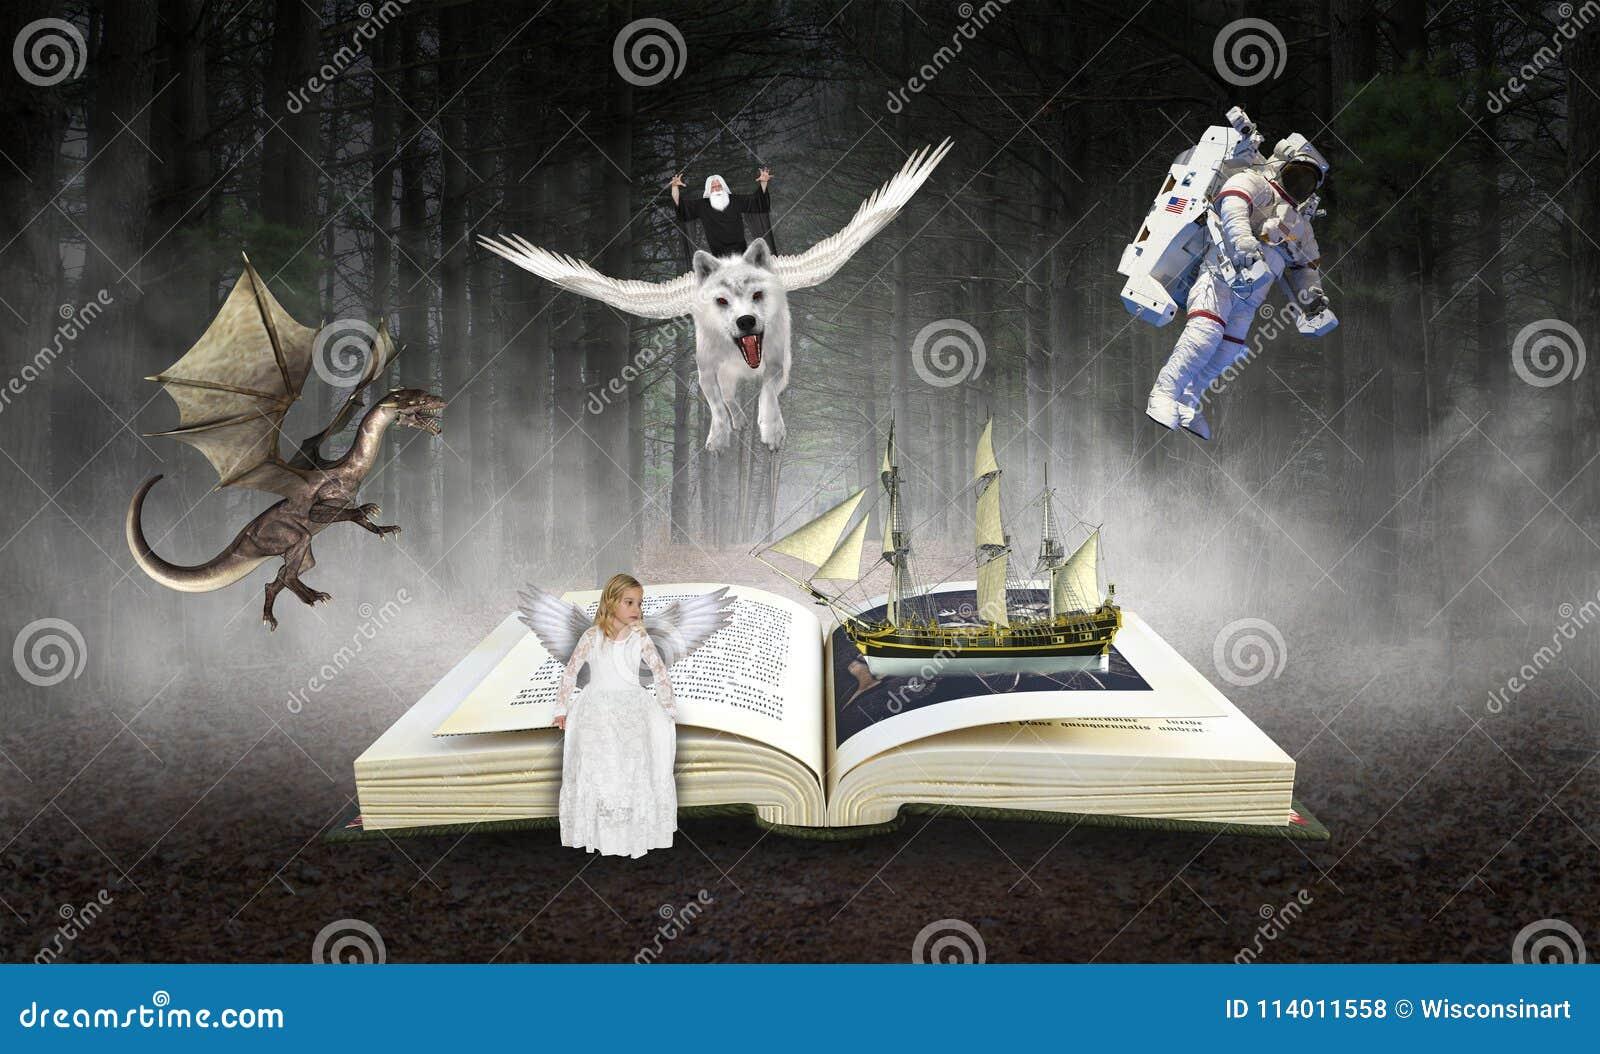 Książka, czytanie, wyobraźnia, Storybook, opowieści